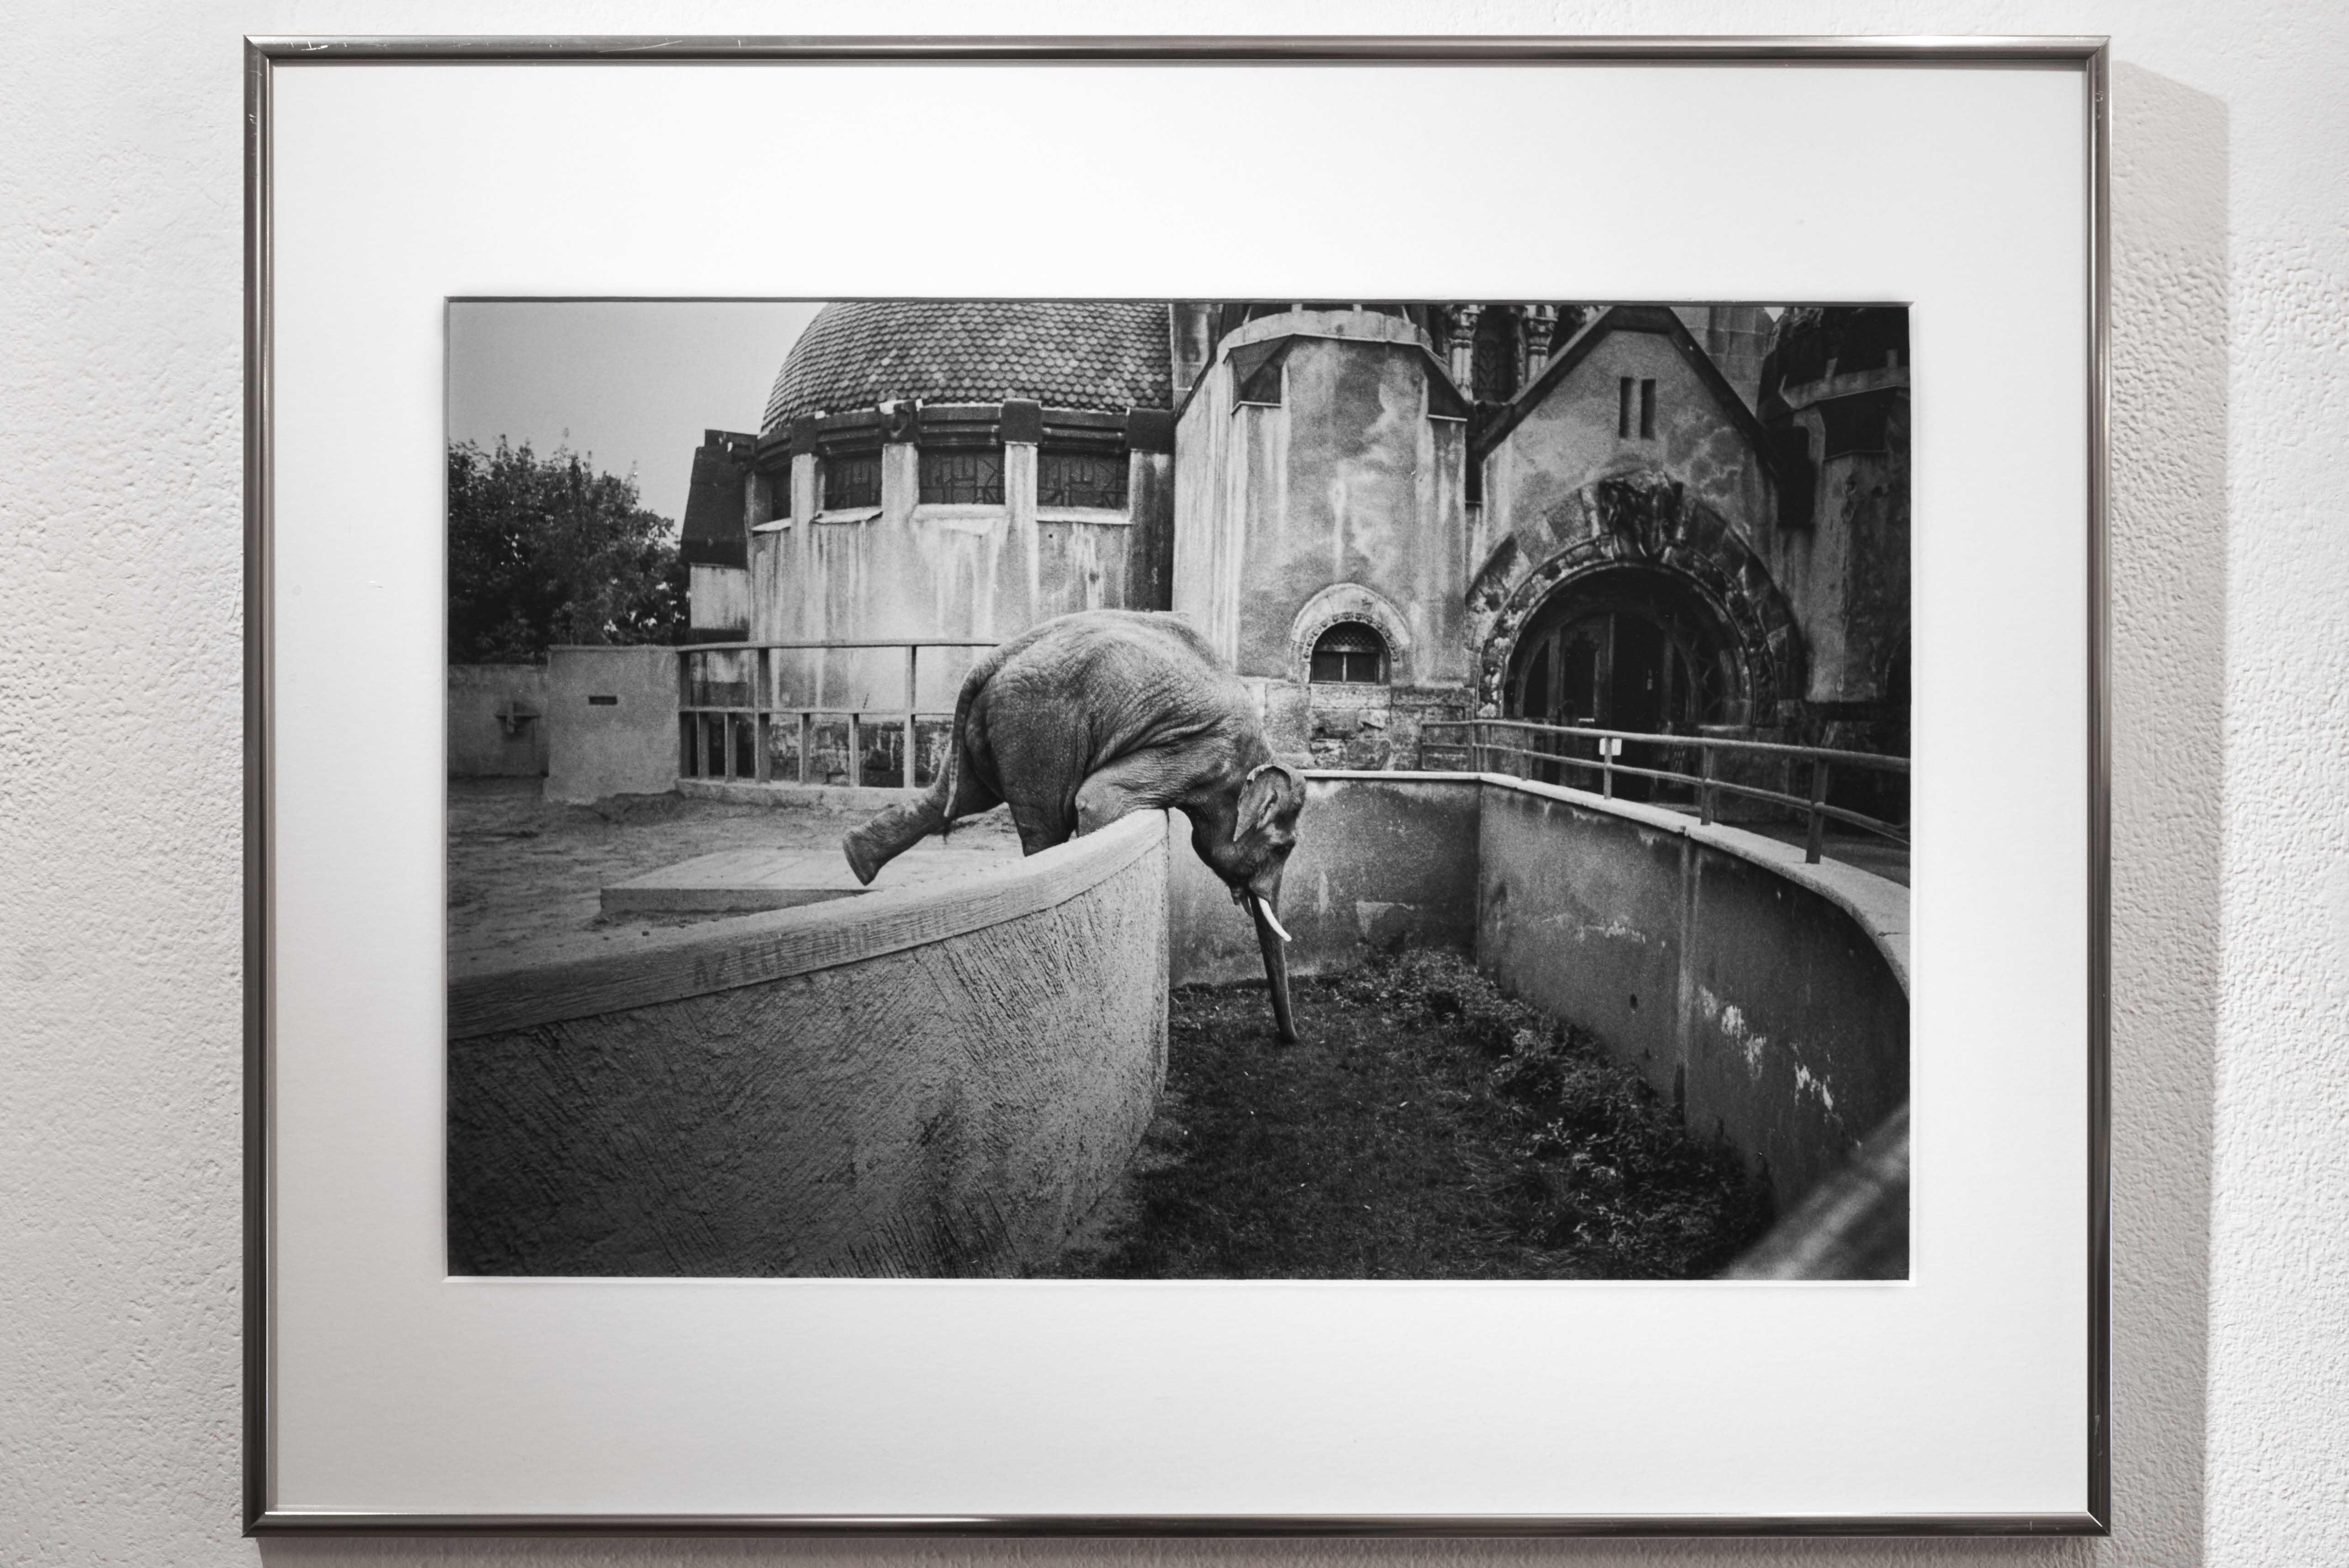 Szabó Judit: Elefánt, Budapest, 1983. / Elephant, Budapest, 1983. <br />Fotó: Kiss Imre